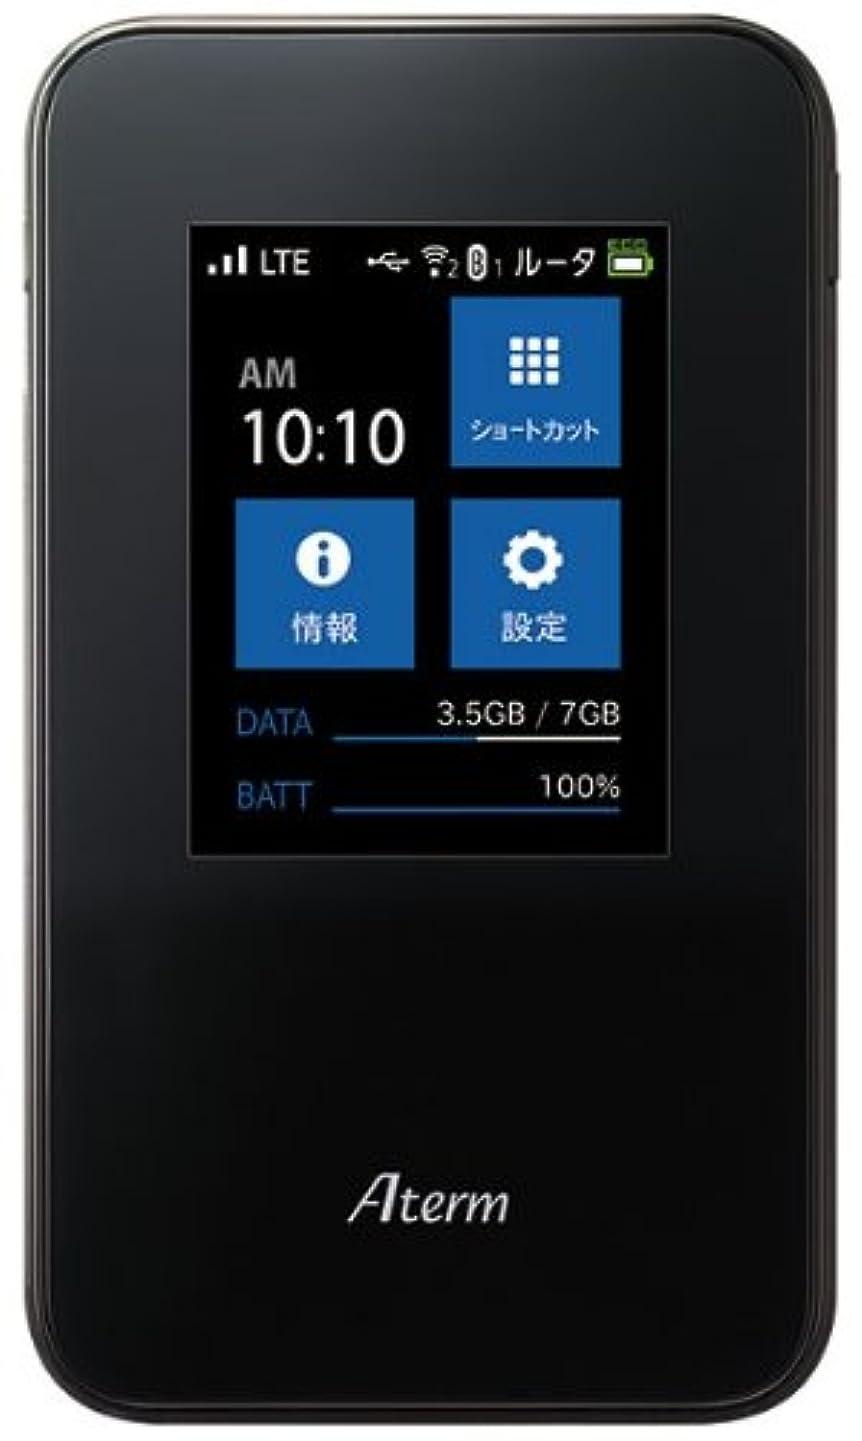 爬虫類価値のない評判NECアクセステクニカ Aterm MR03LN 6B ( LTE モバイルルータ / microSIM ) PA-MR03LN6B